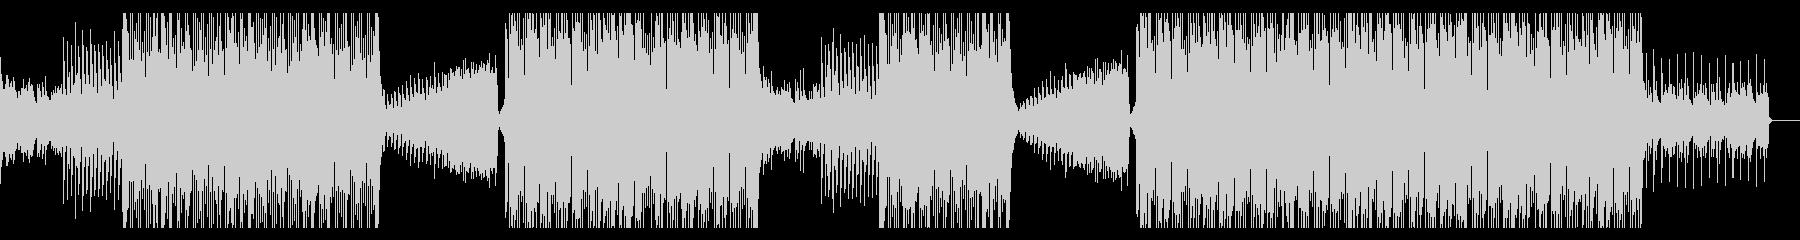 ナレーションに合う洋楽ポップなピアハウスの未再生の波形